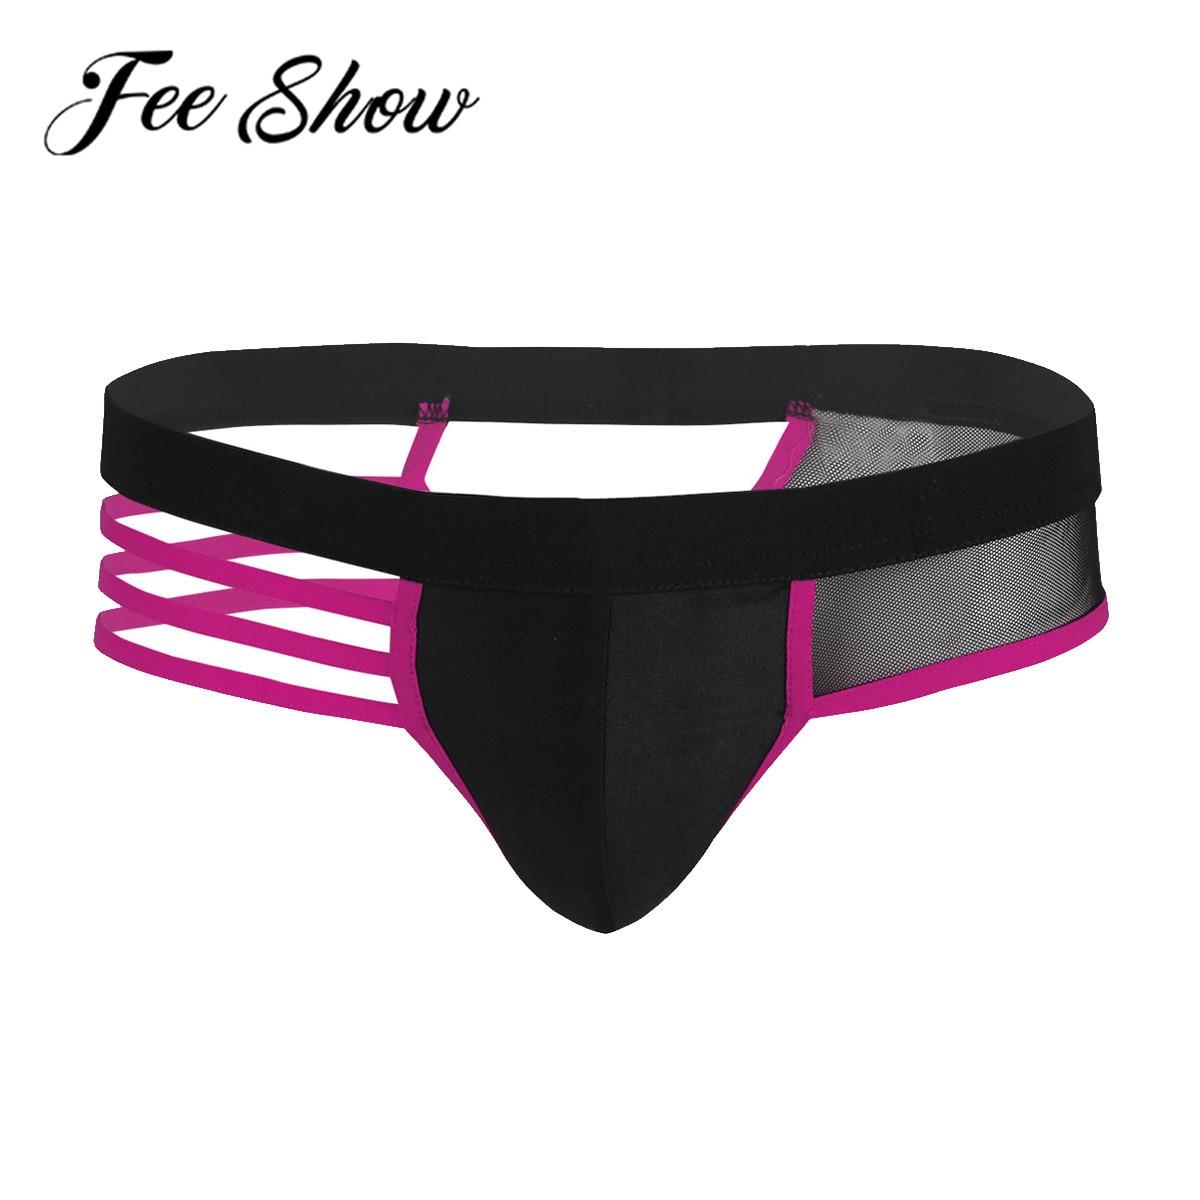 Sexy Männer Dessous Höhlte-out Unterwäsche Eine Seite Mesh Öffnen Hintern Low Rise Bikini Kurze Unterhose Exotische Männer Höschen badeanzüge